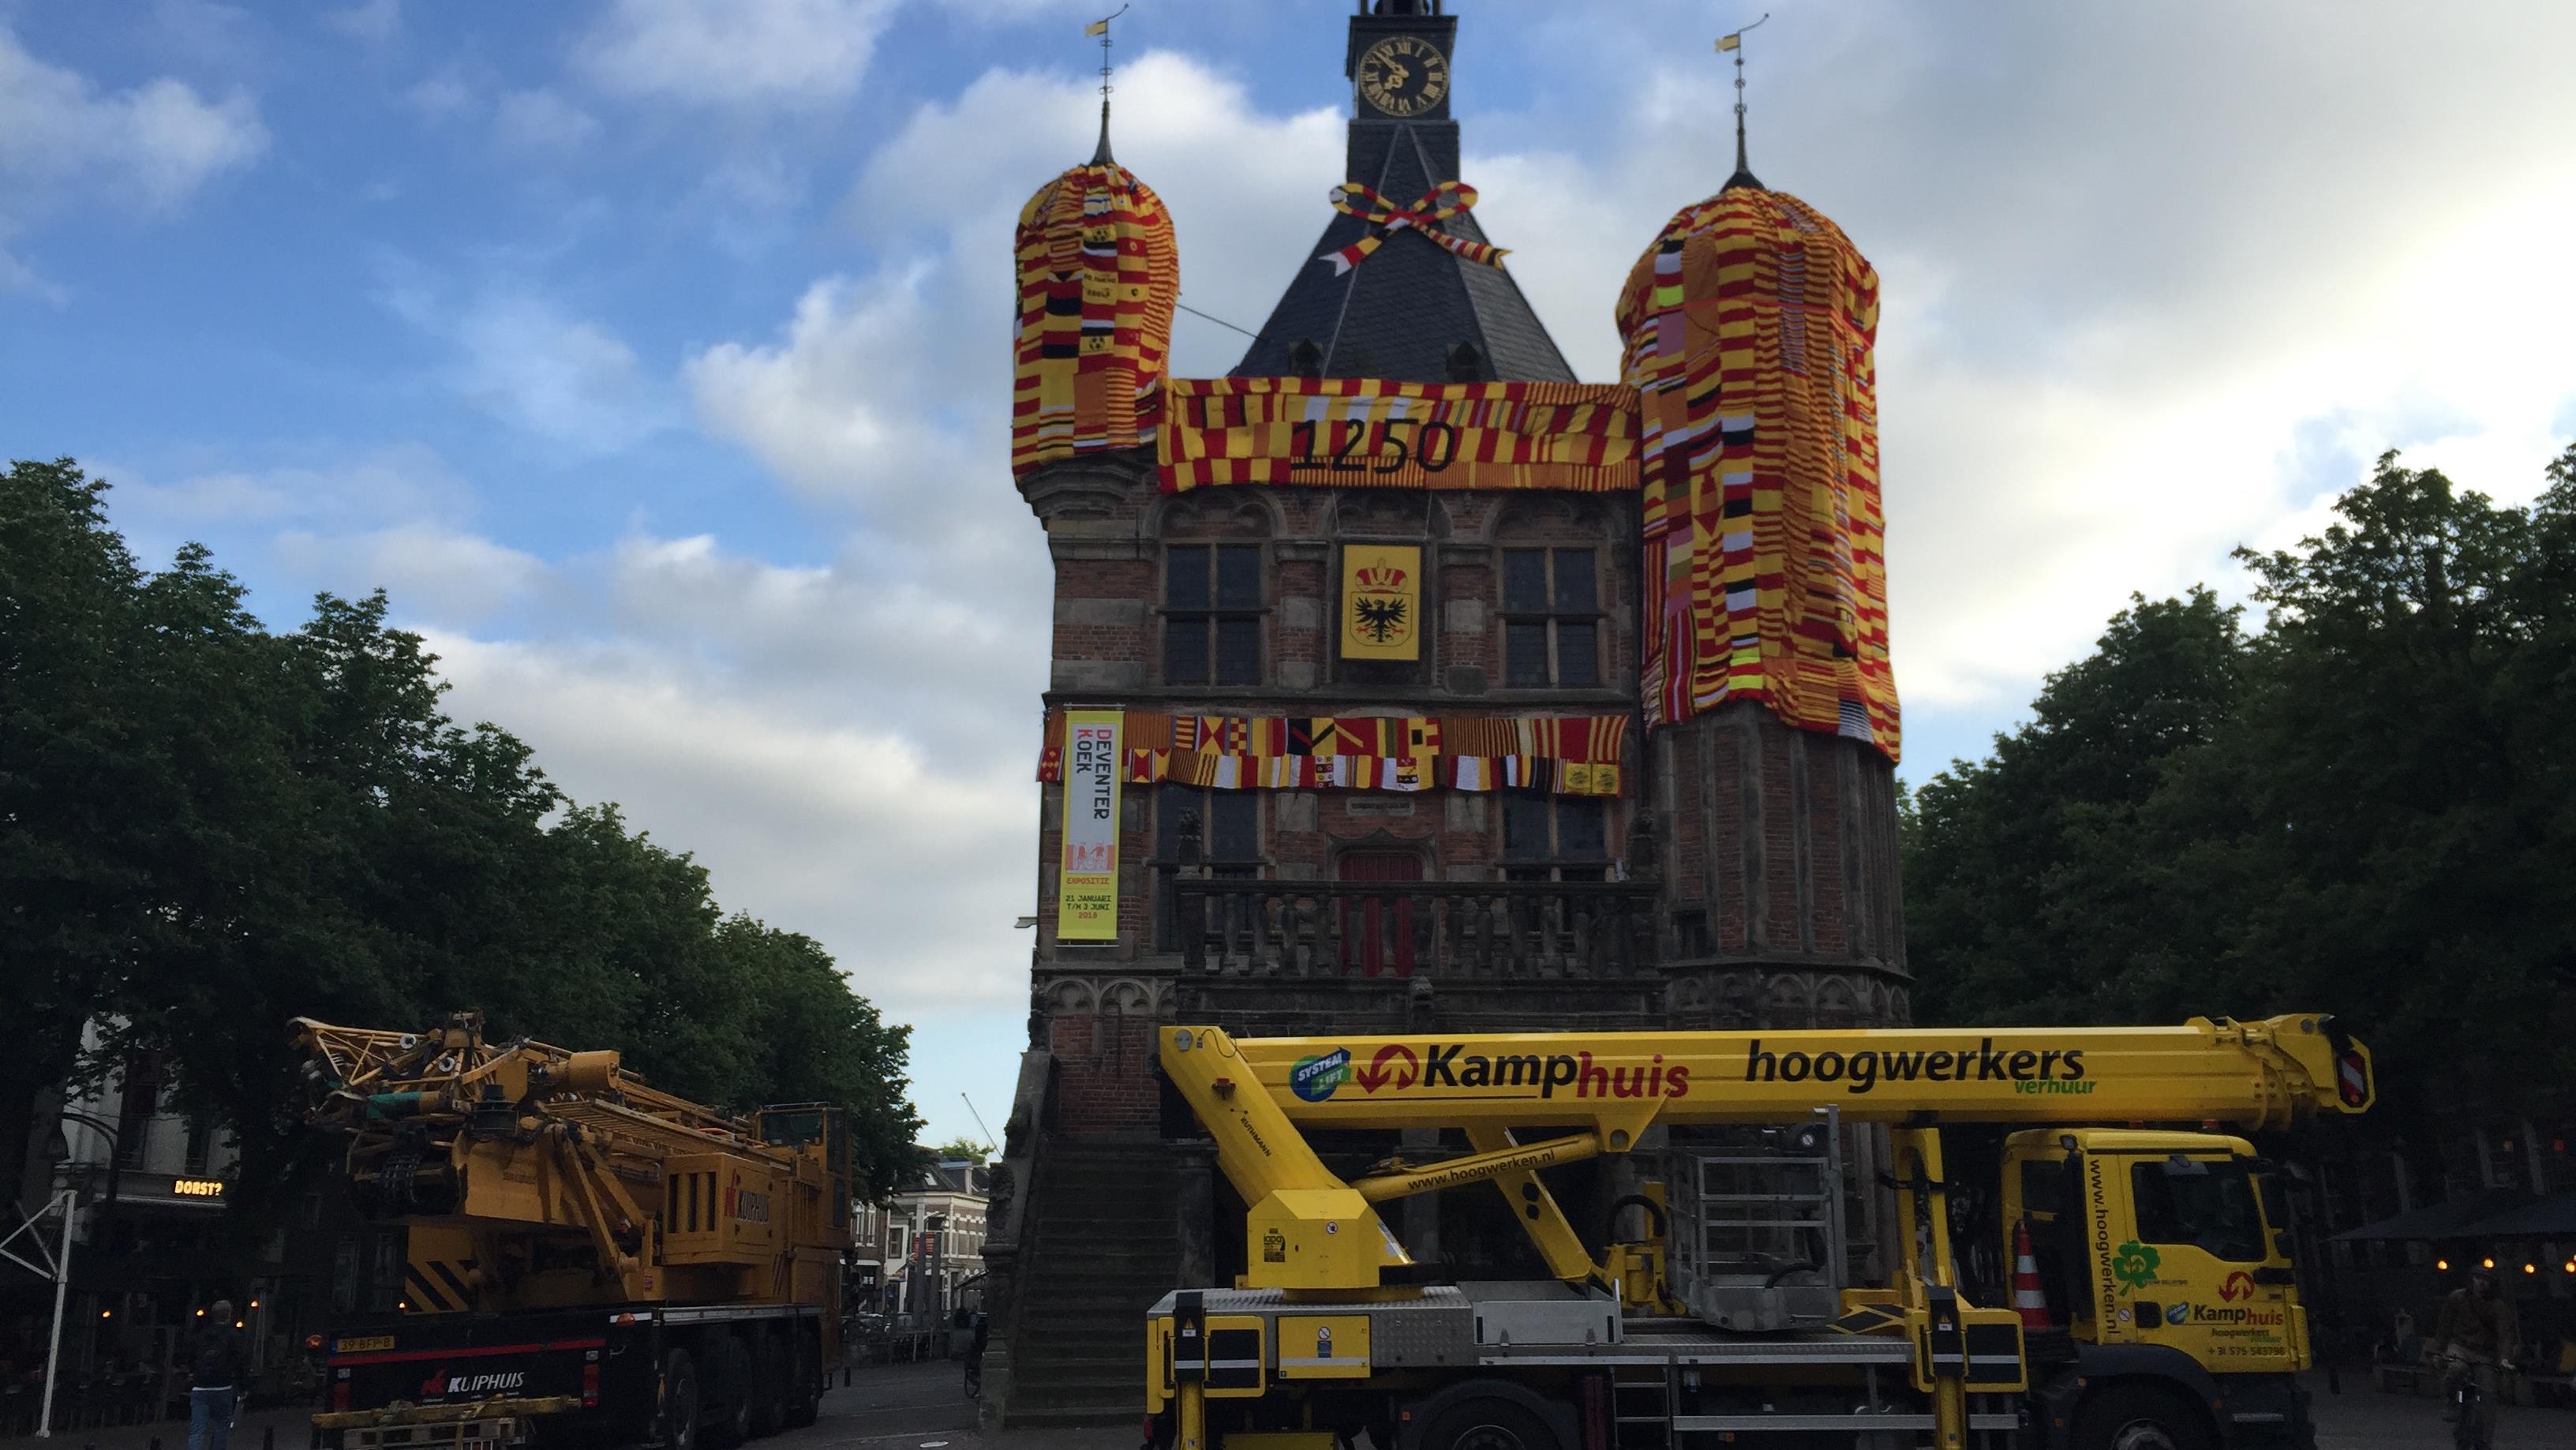 Voorstad pakt avondvierdaagse deventer in met rood gele brink for Avondvierdaagse nijverdal